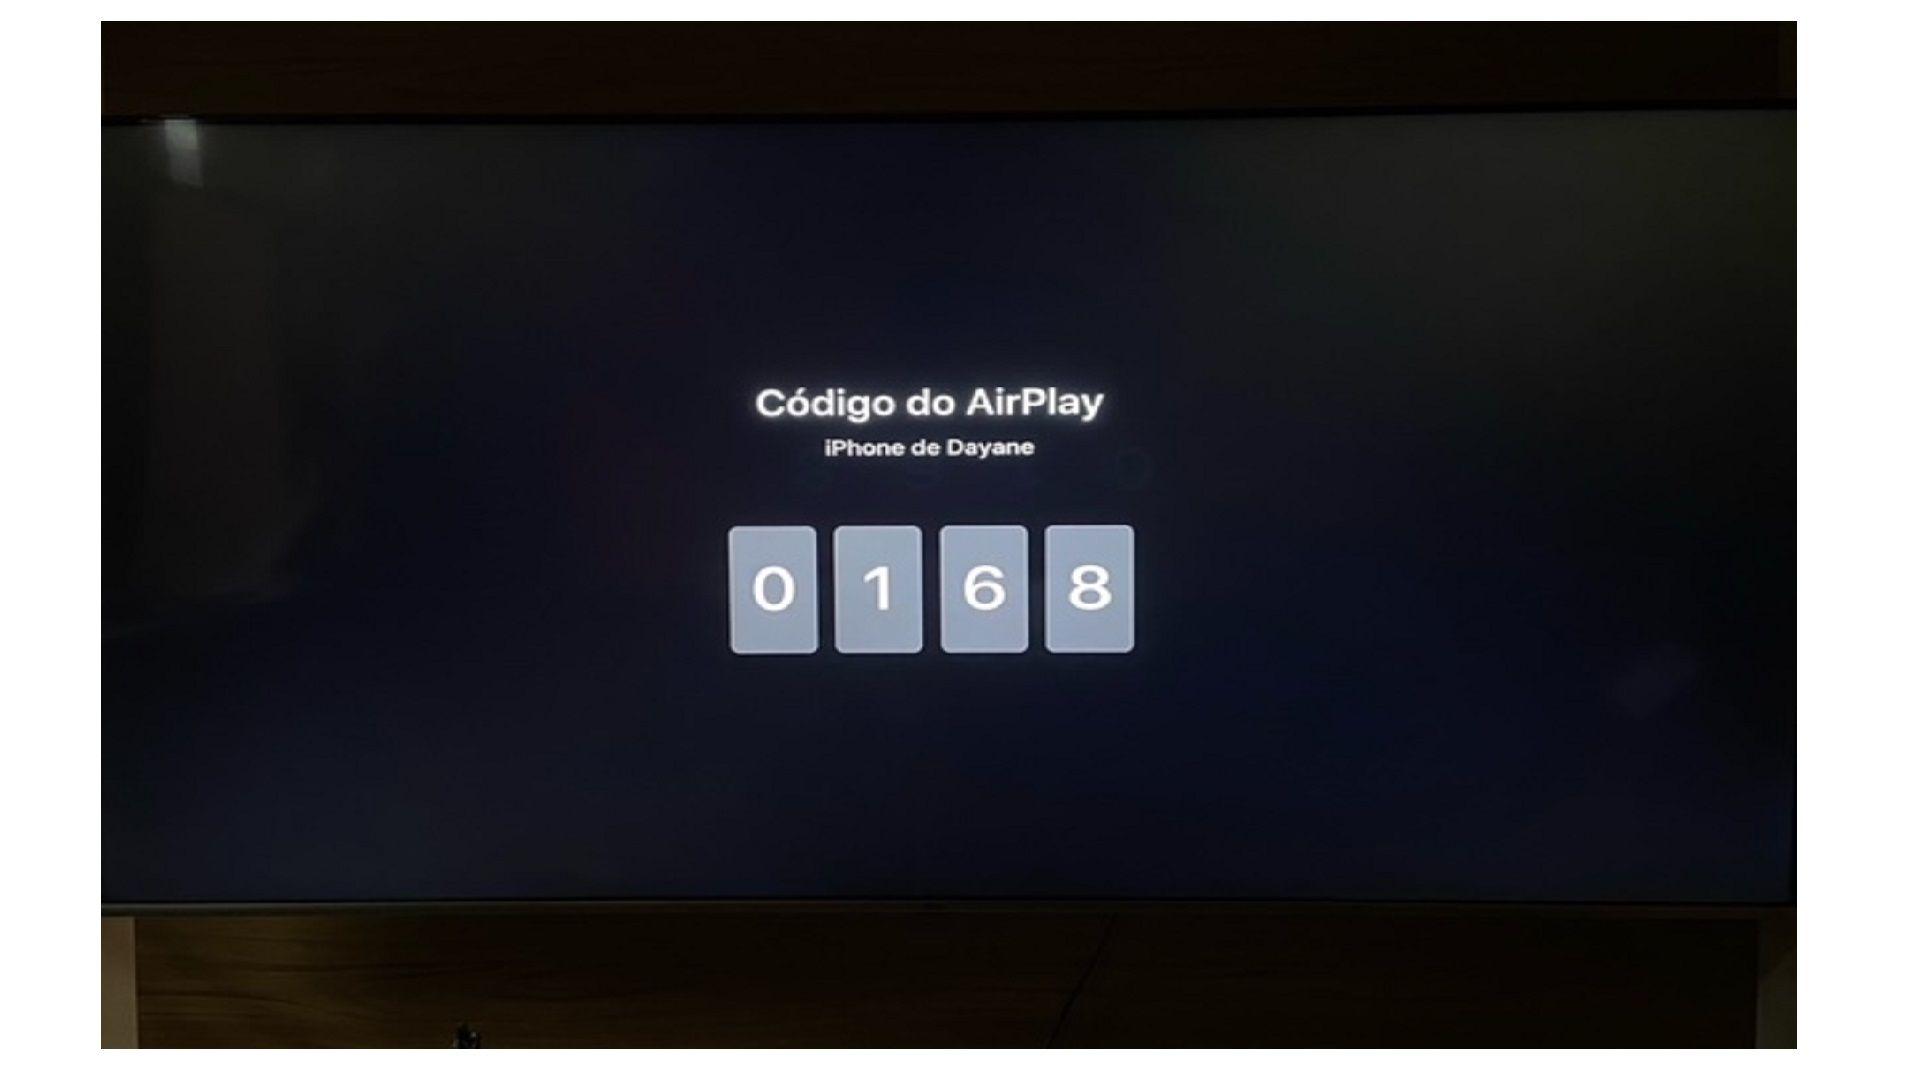 Digite o código do AirPlay no seu iPhone (Imagem: Arquivo Pessoal/Dayane Barbosa)